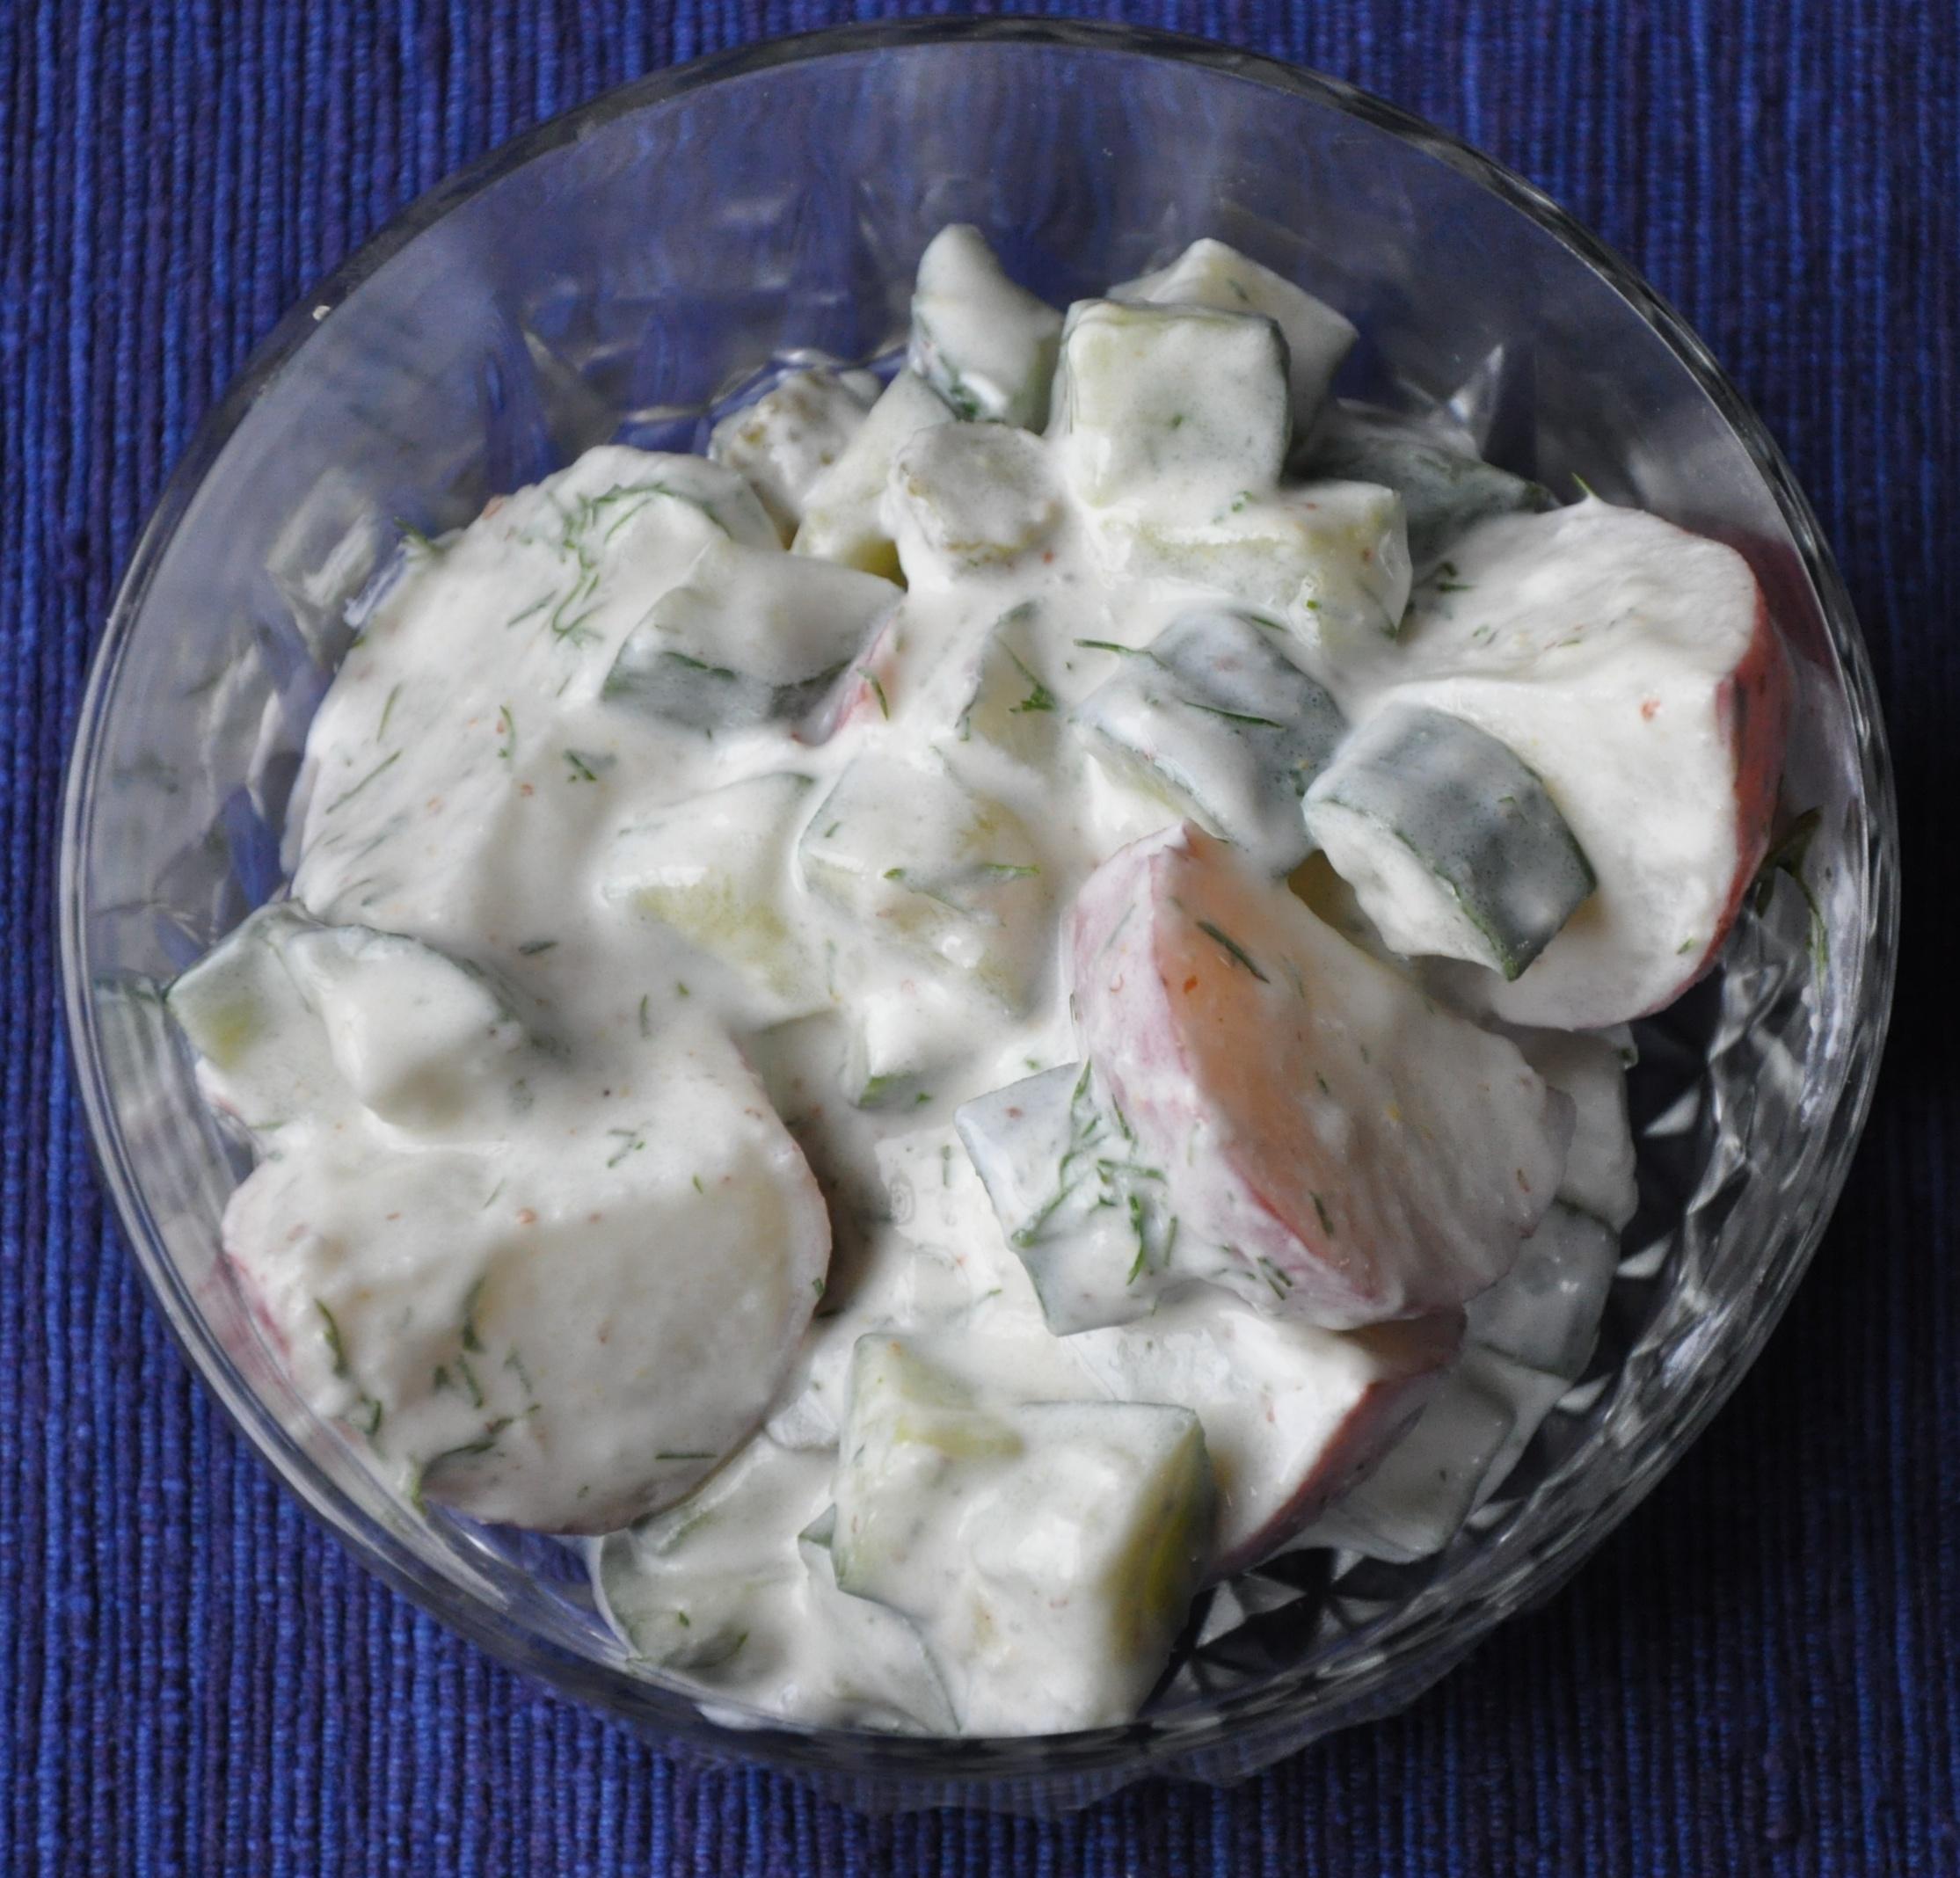 Potato Salad with Sauerkraut, Buttermilk and Horseradish